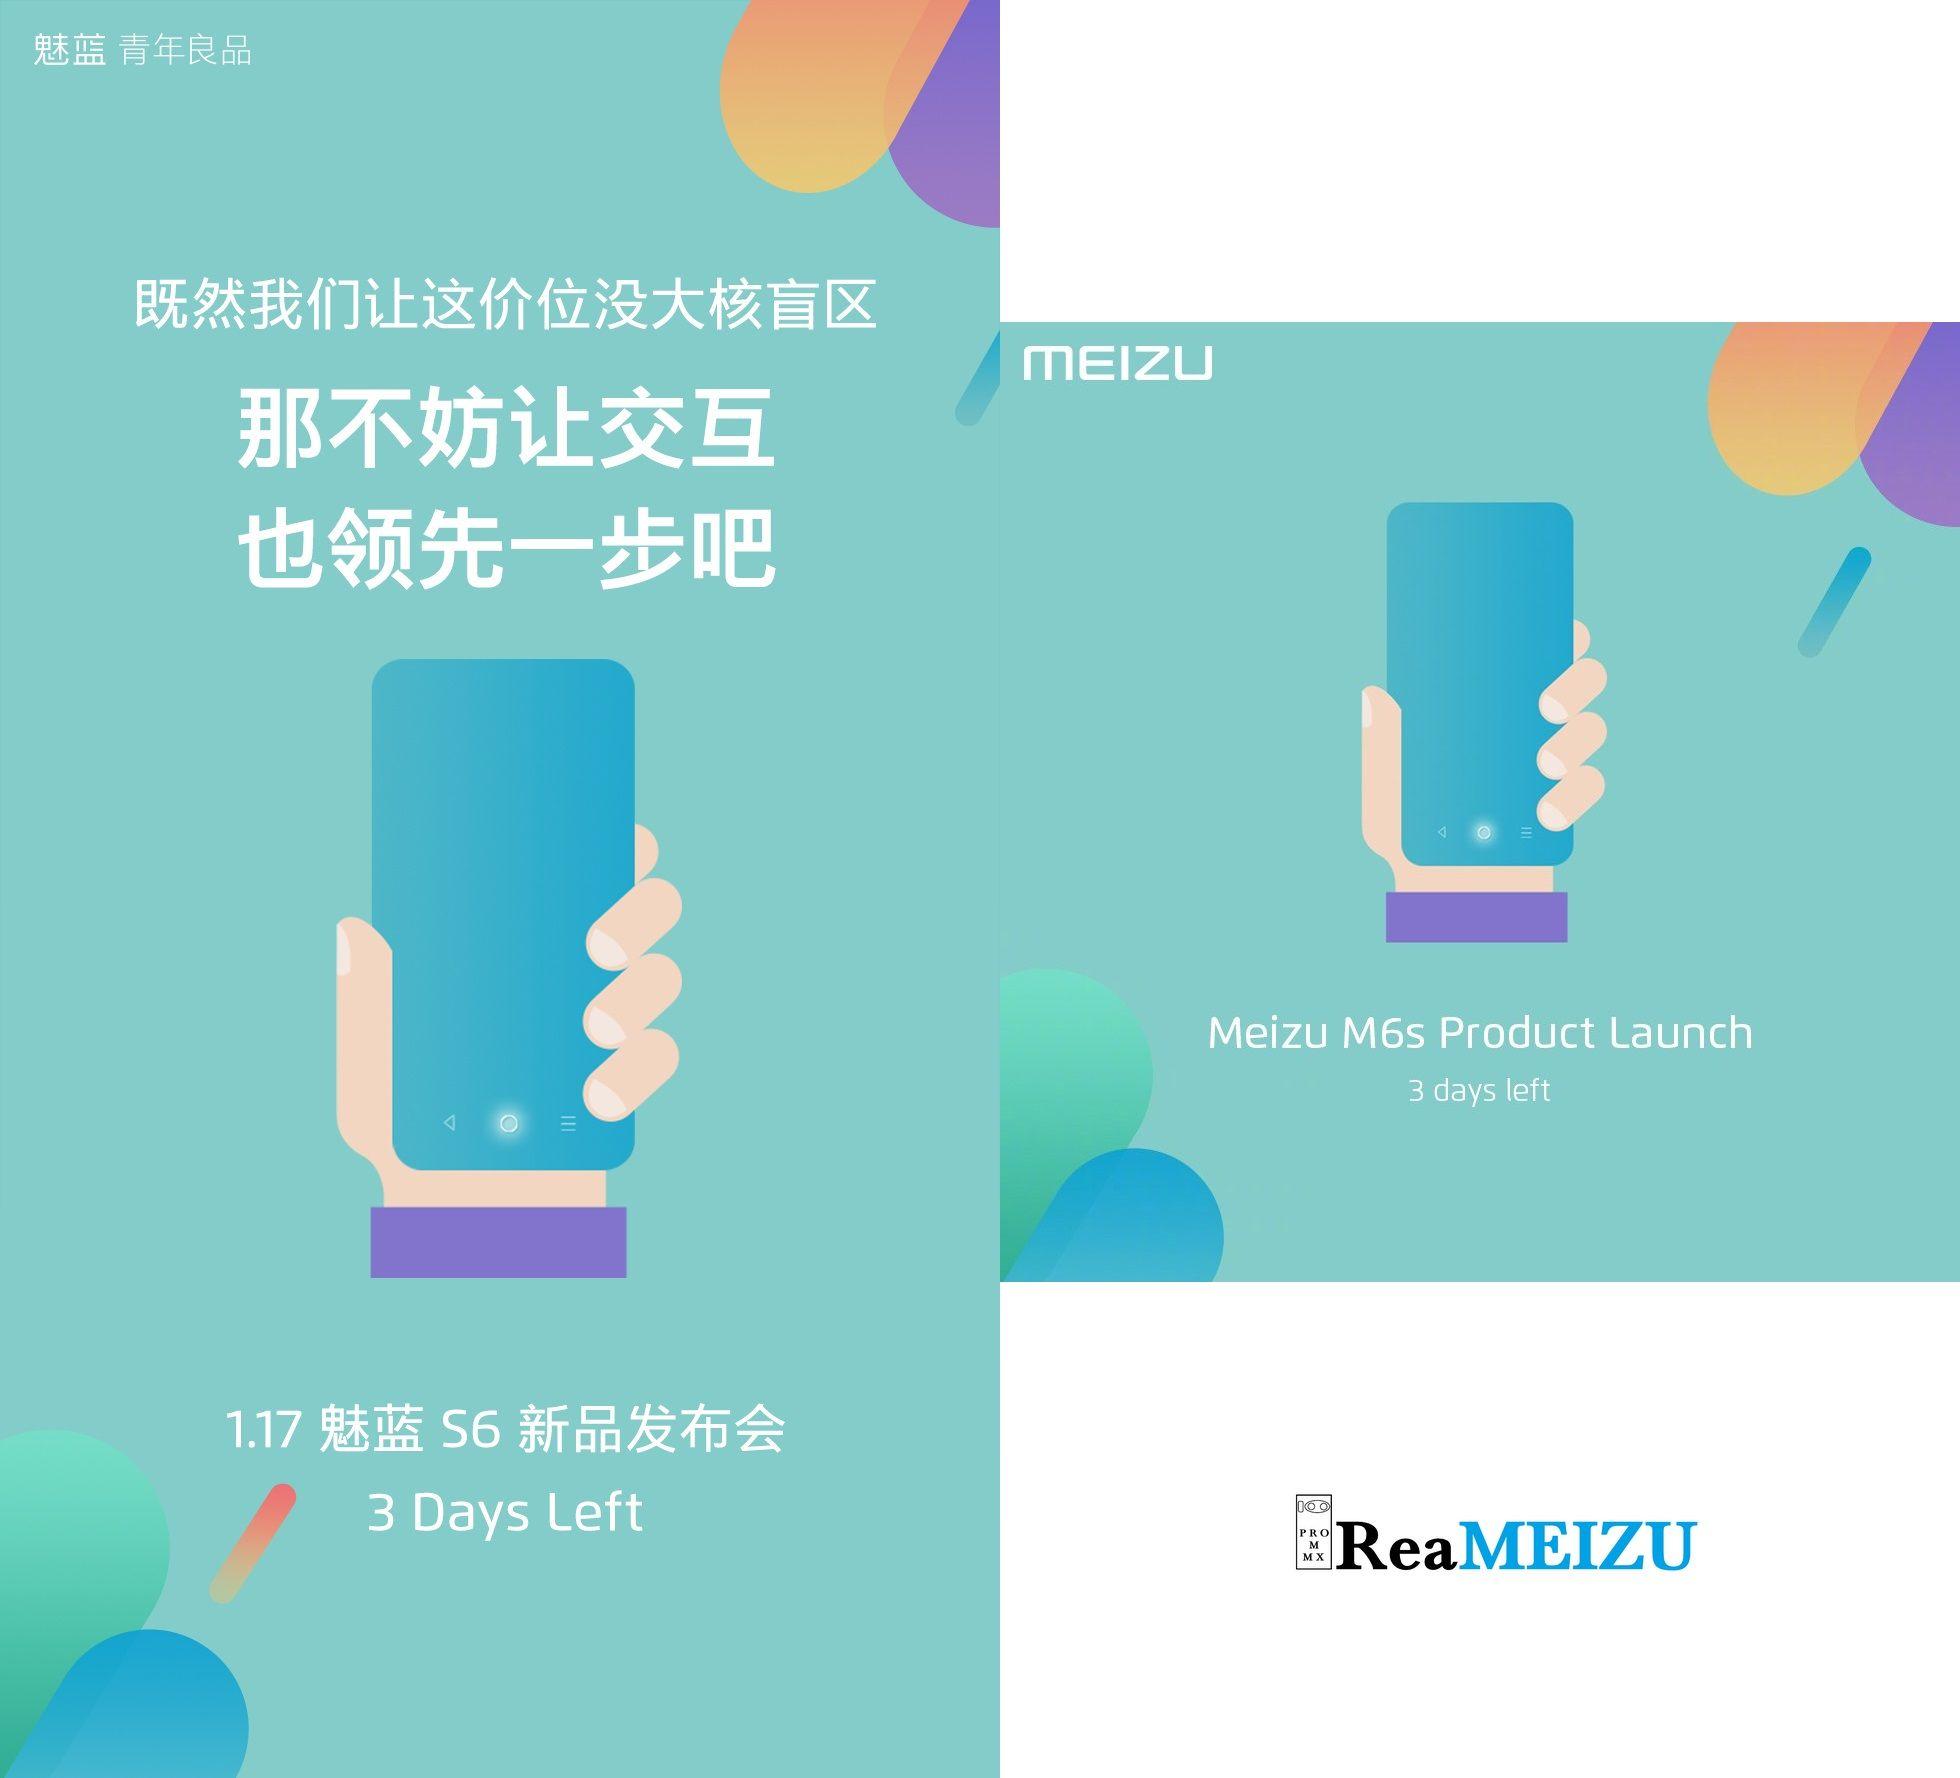 魅藍 S6(Meizu M6s)の発表3日前を告知する画像が中国と海外とも同じ。ナビゲーションバーの搭載をちらつかせる